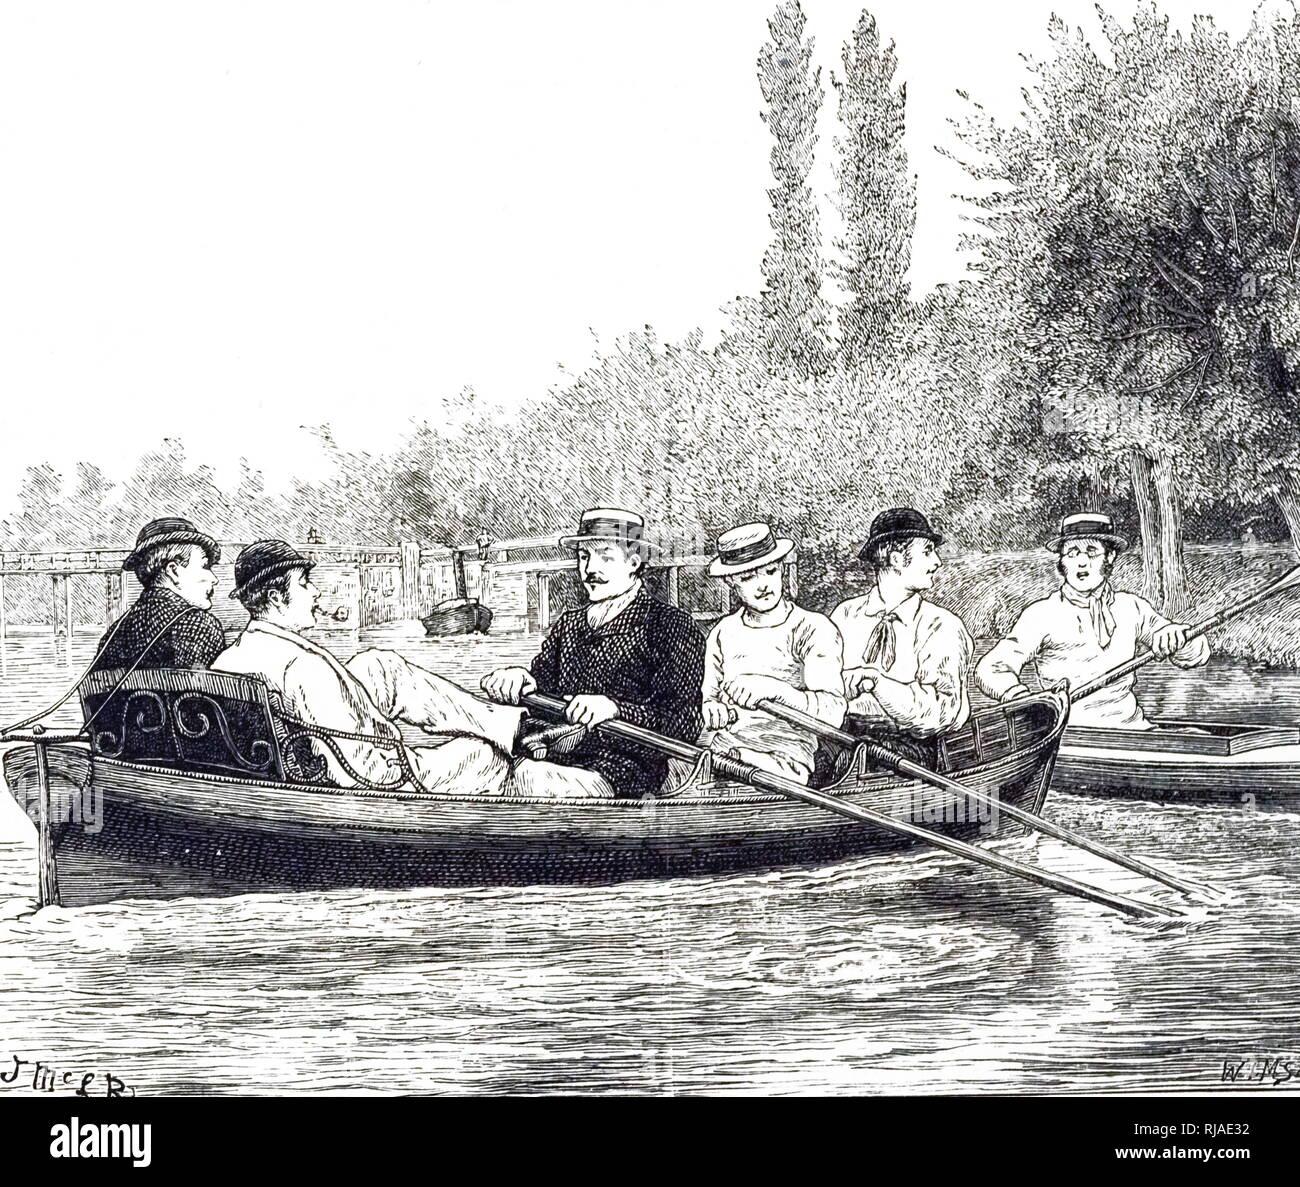 Ilustración mostrando Oxford alumnos en prácticas para la raza de barco, 1879. El barco es una carrera de remo anual carrera entre el Boat Club de la Universidad de Oxford y Cambridge University Boat Club, remaba entre hombres y mujeres del abrir-weight ochos sobre el Río Támesis en Londres, Inglaterra. También es conocida como la raza y el barco de la Universidad de Oxford y Cambridge Boat Race. Los hombres de la raza se celebró por primera vez en 1829 y se ha celebrado anualmente desde 1856, excepto durante la Primera y Segunda Guerras Mundiales. Imagen De Stock